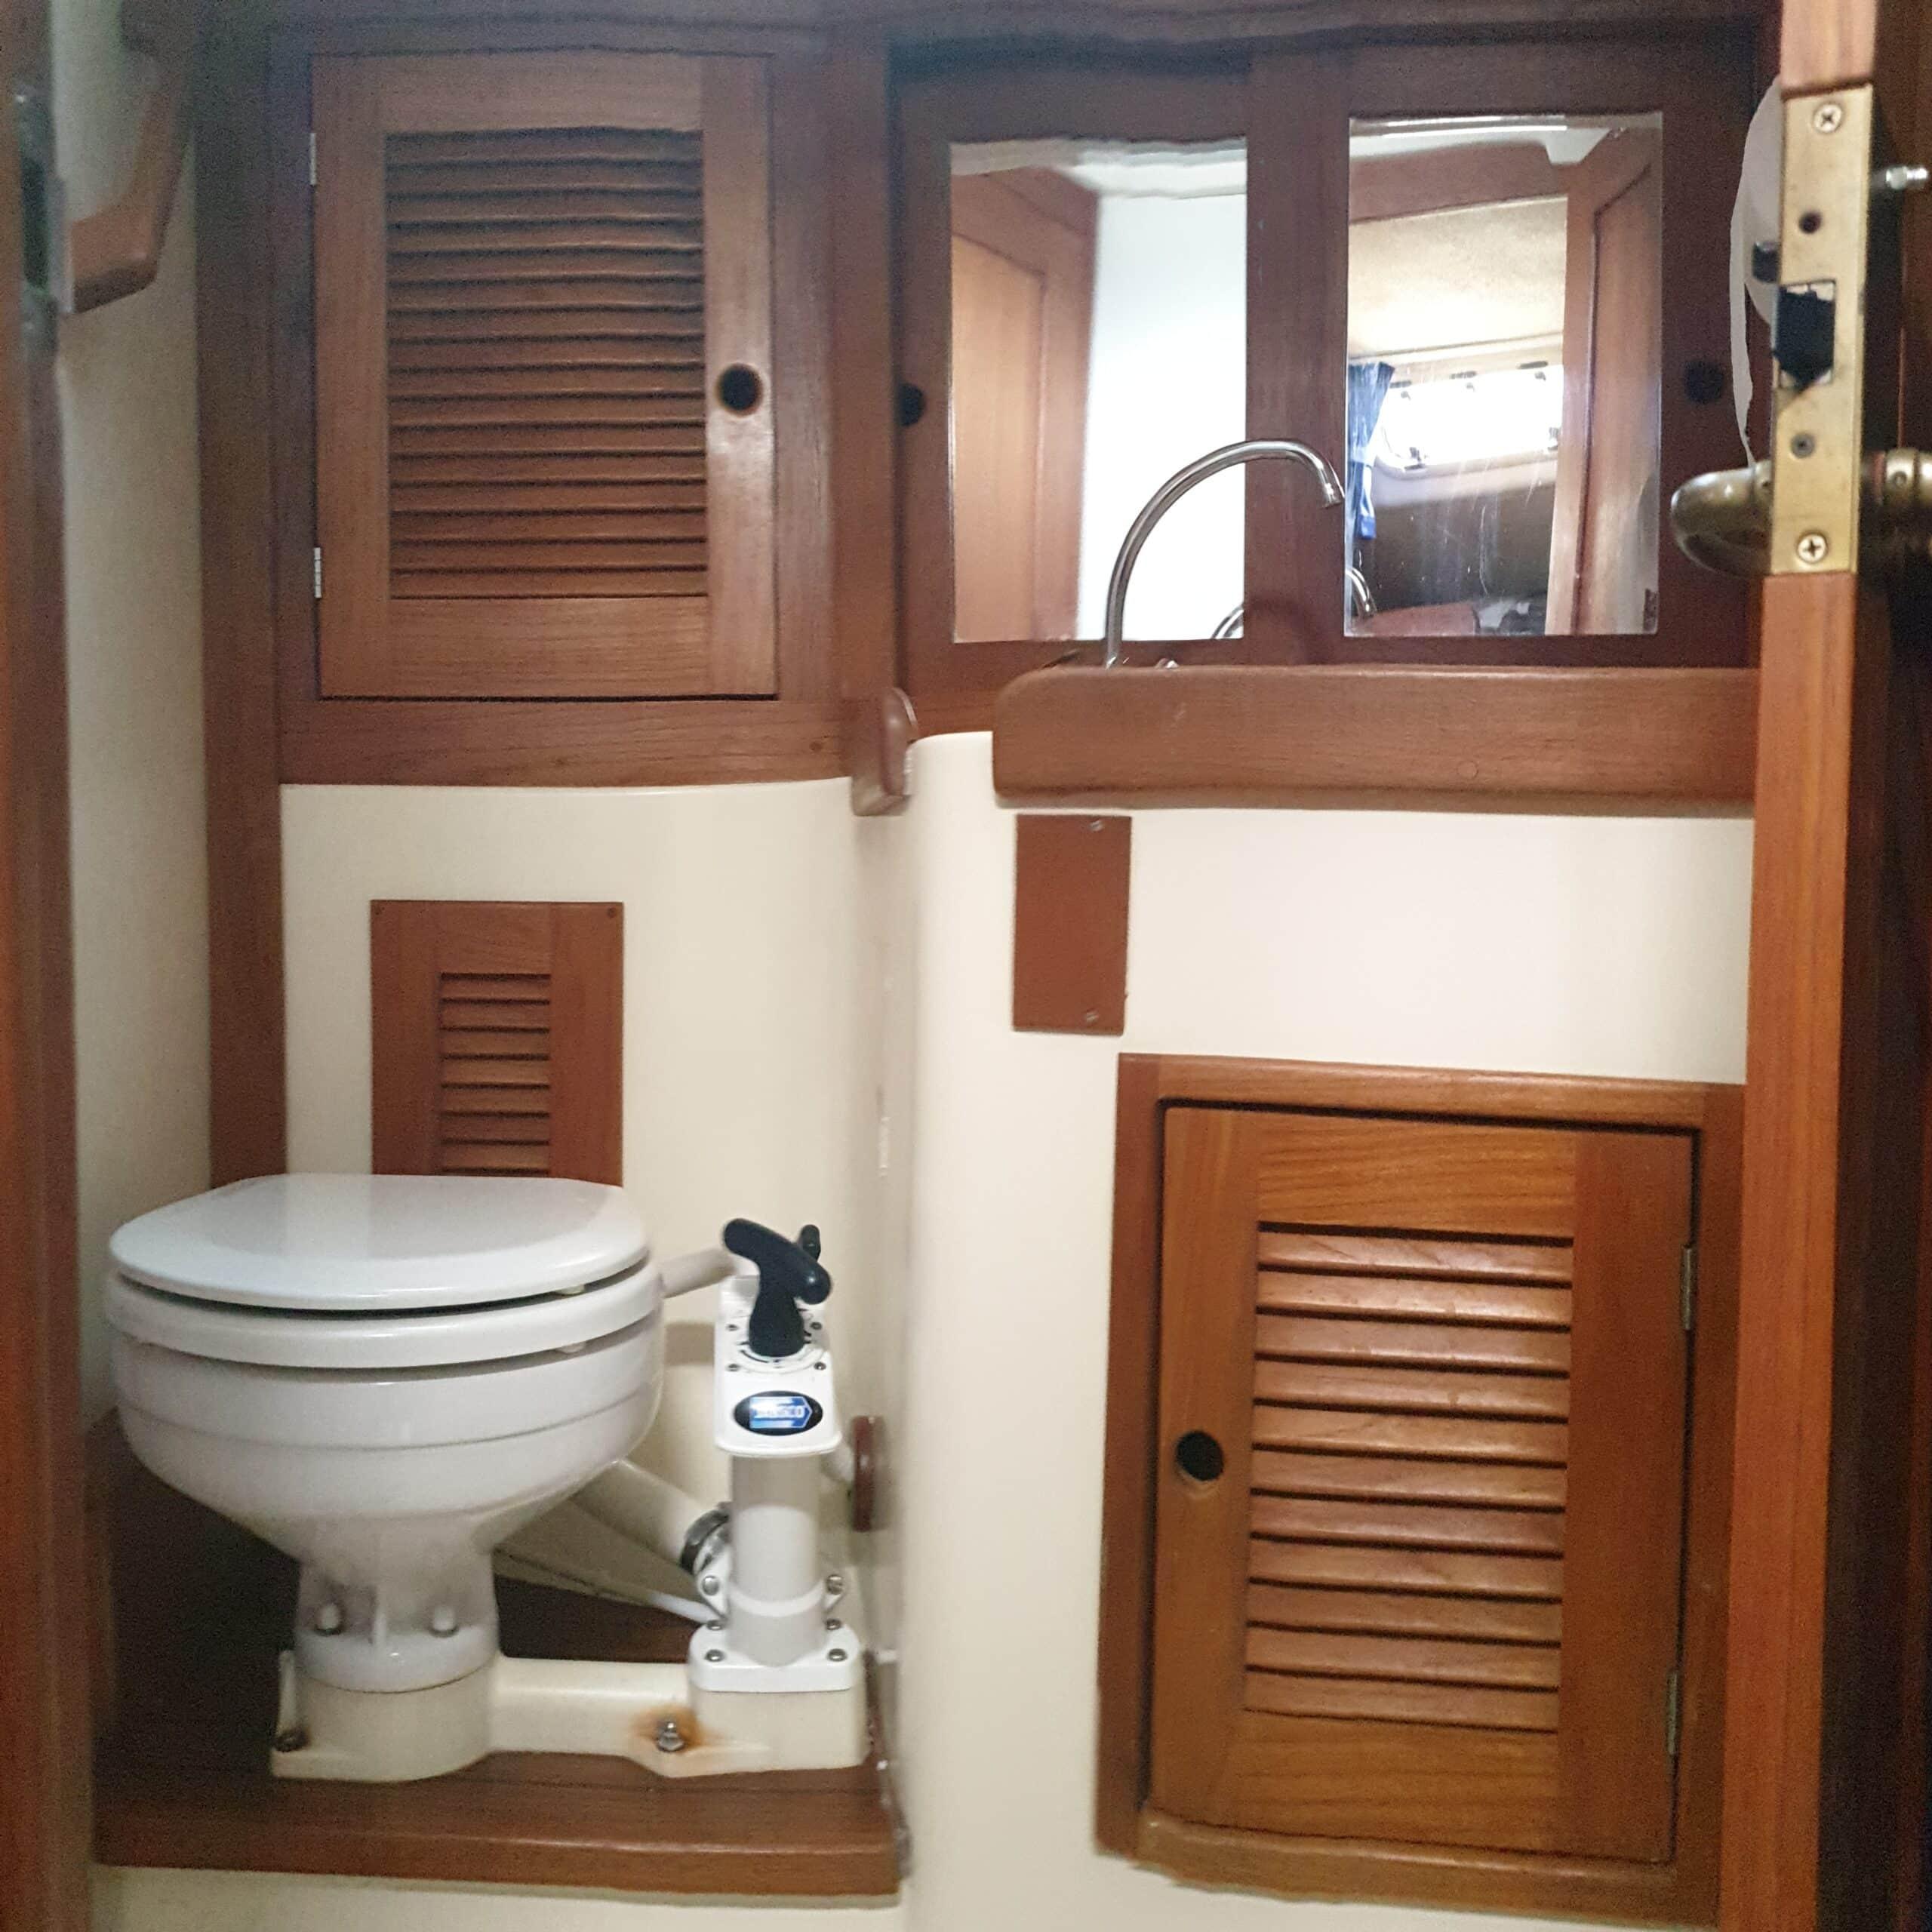 Tartan 3100 toilet